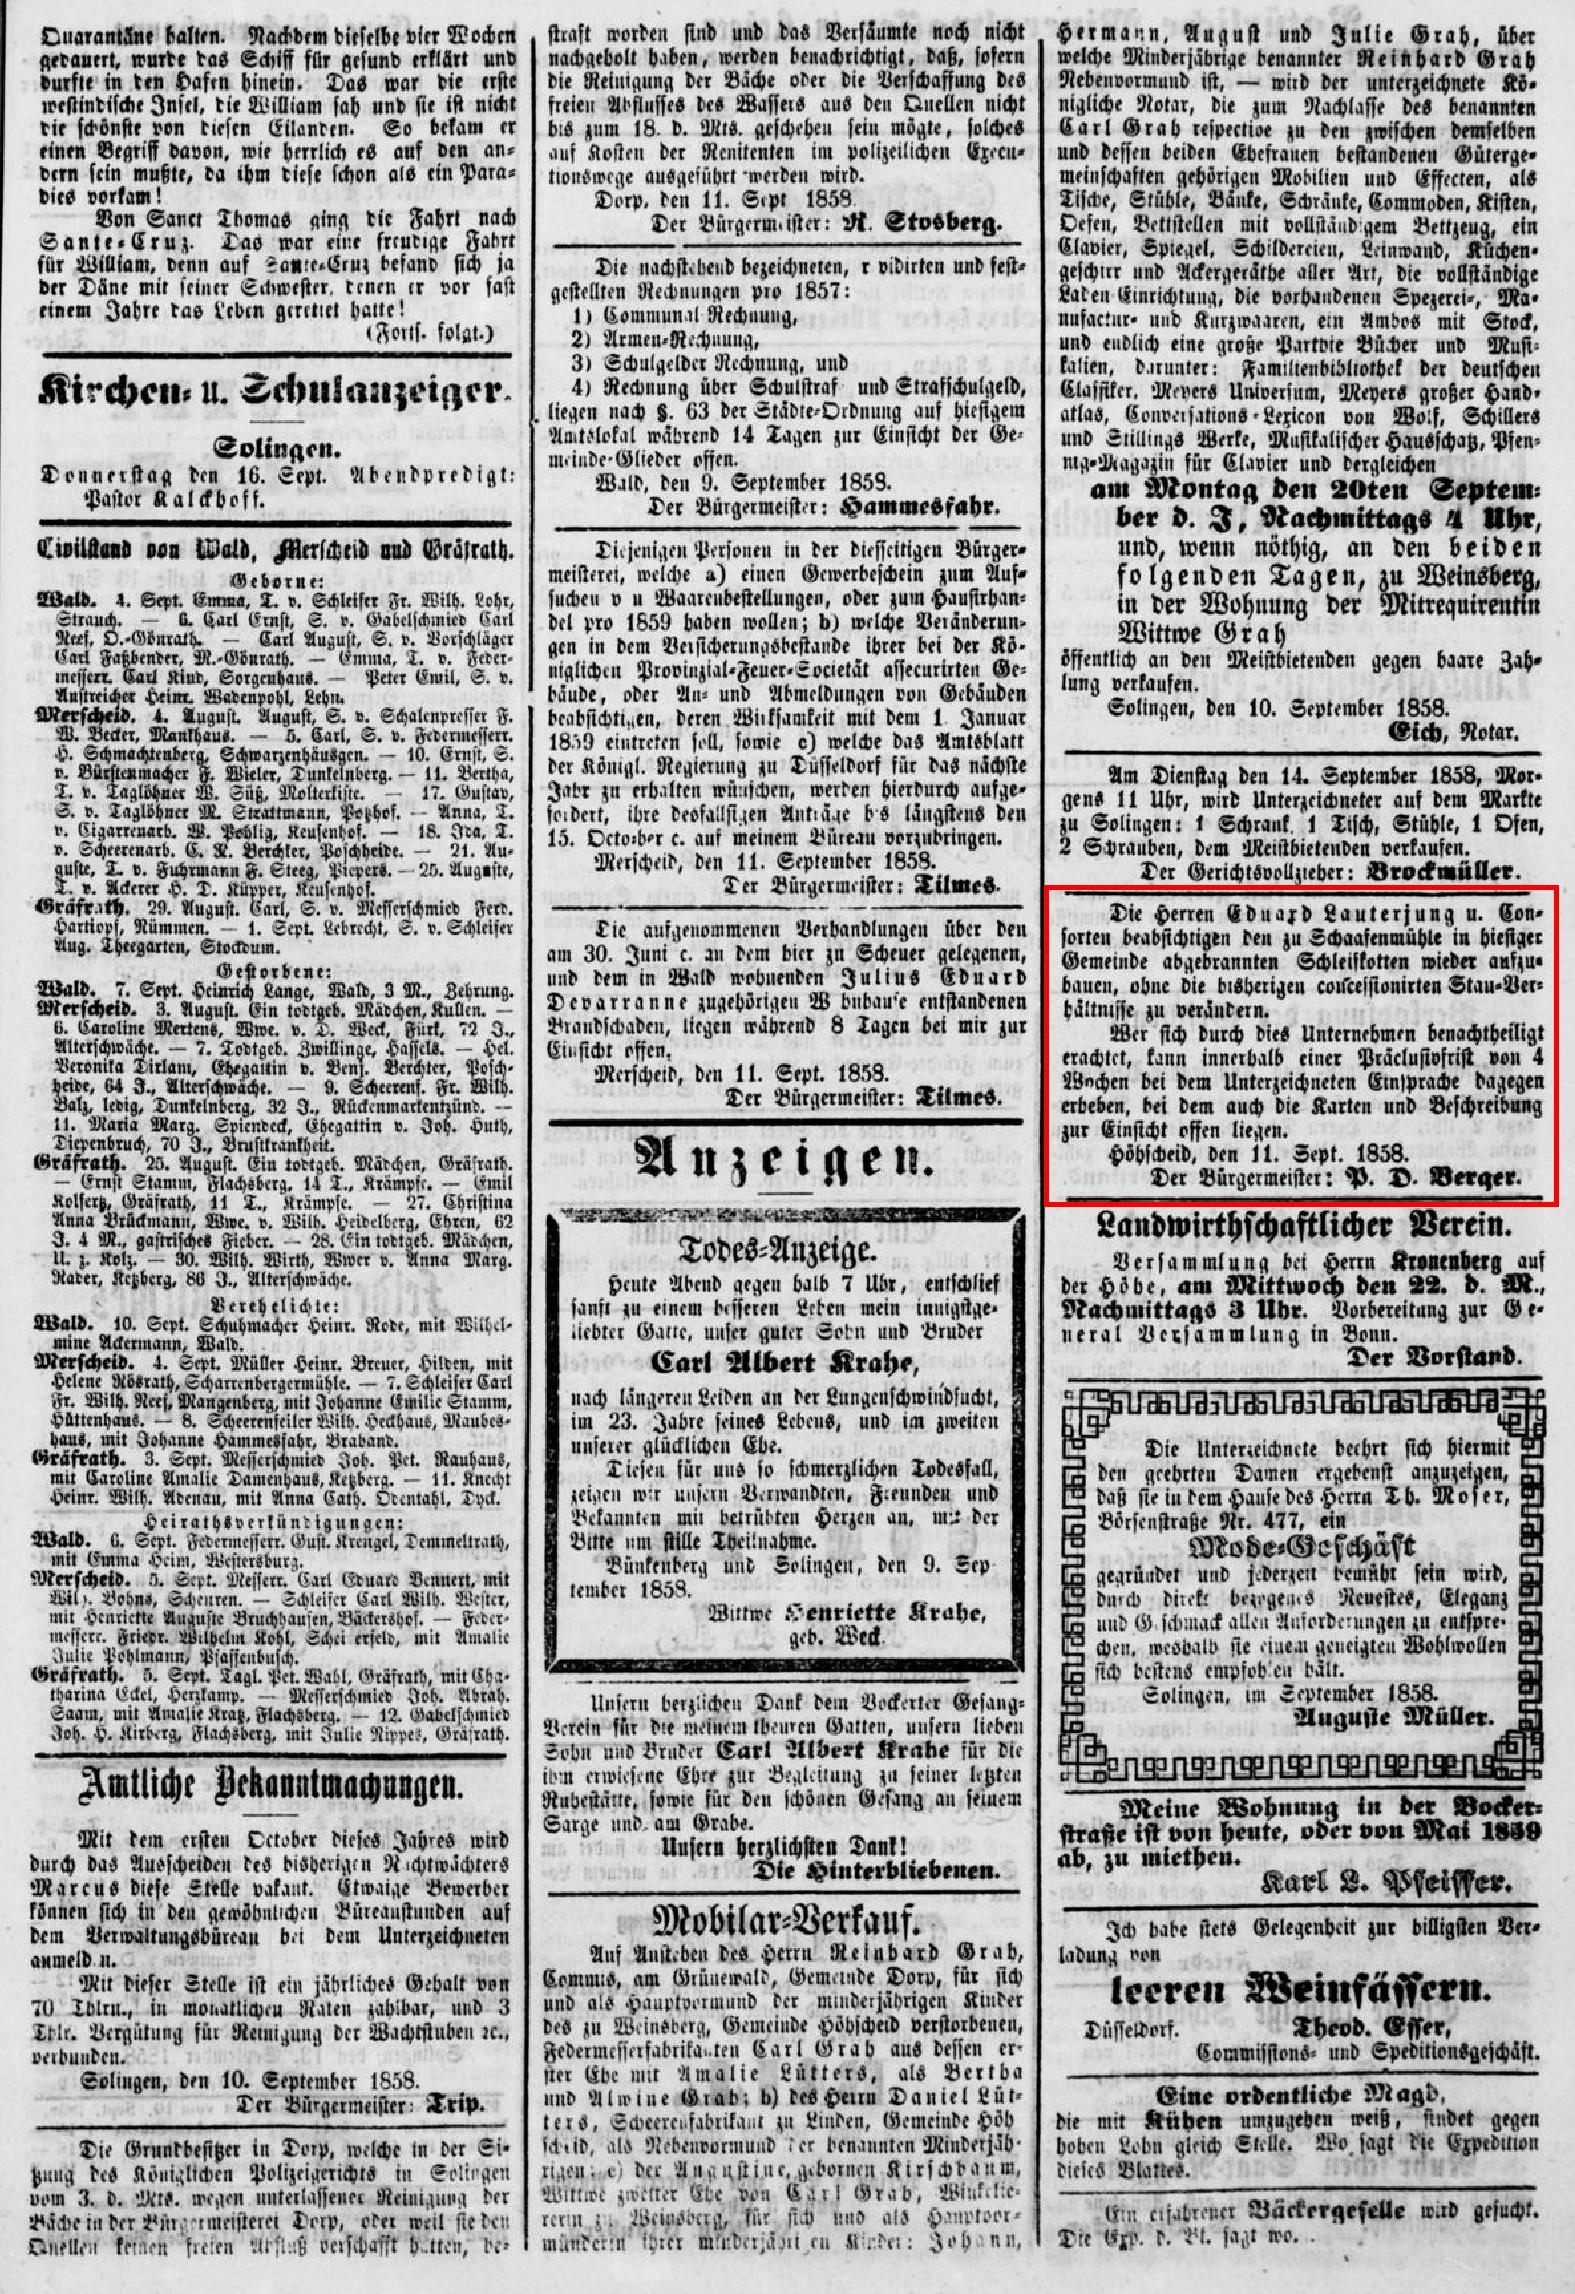 Anzeige_1858-09-14_Bergisches-Volksblatt_Seite-3-Mitte